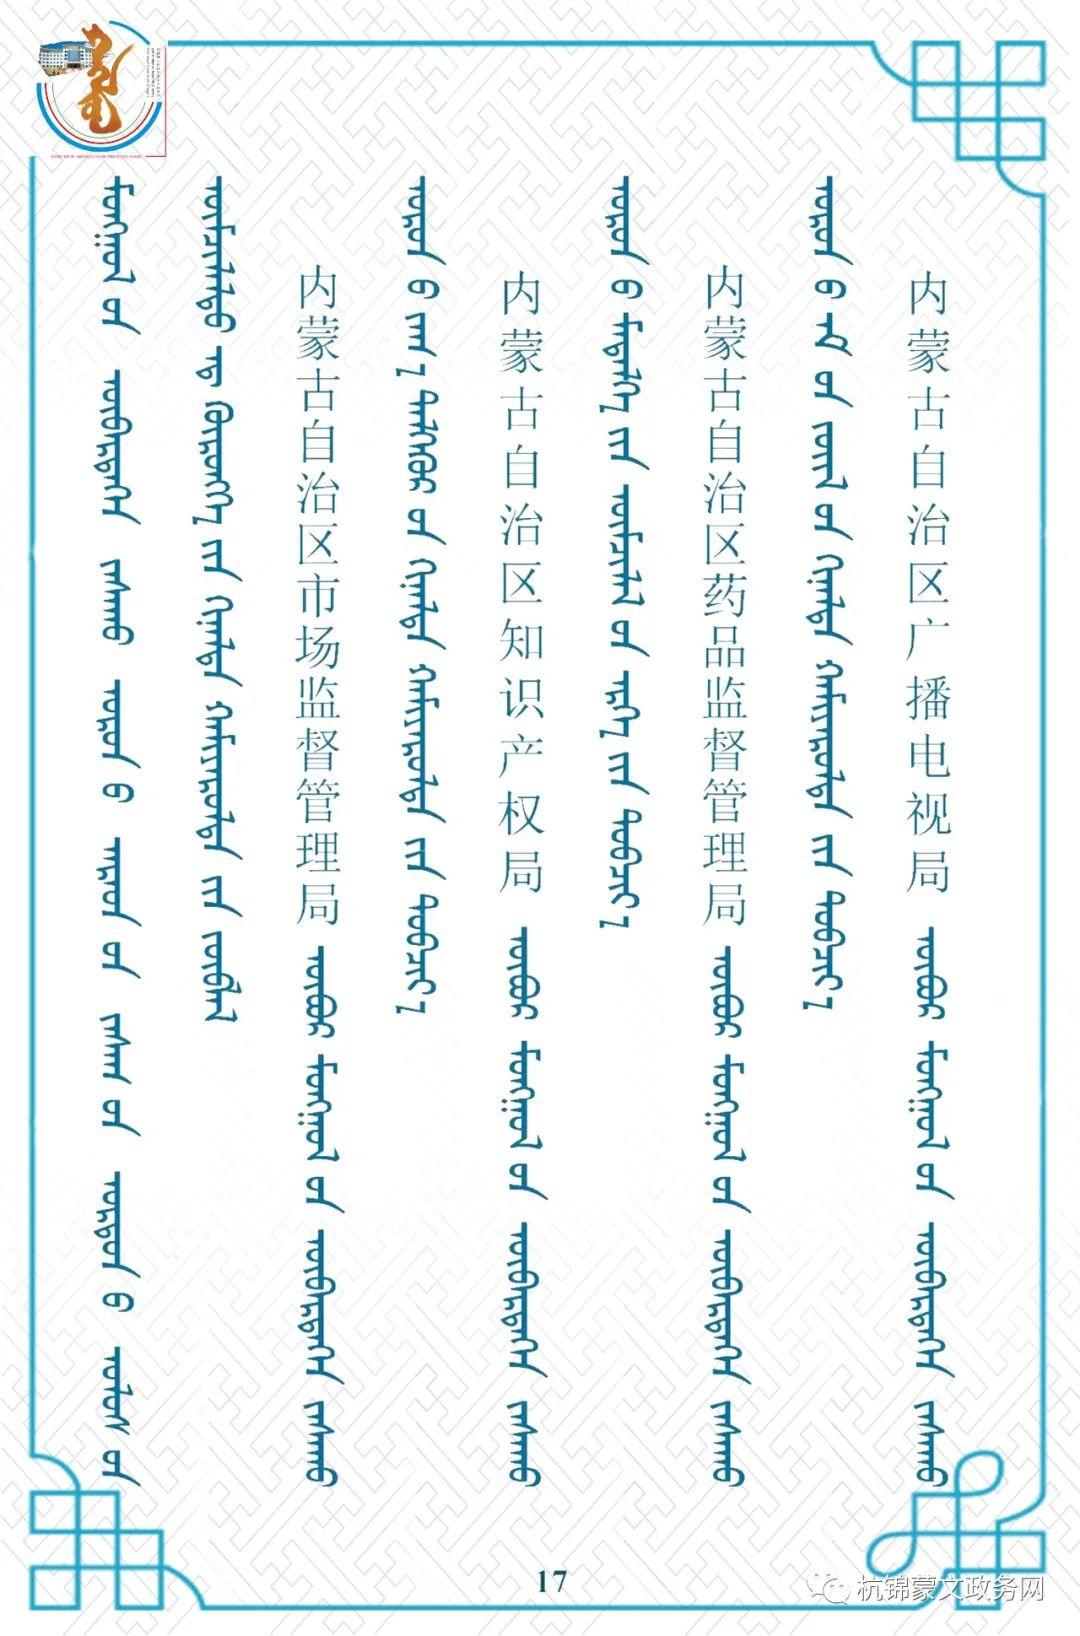 内蒙古自治区委员会机构设置蒙汉对照 第17张 内蒙古自治区委员会机构设置蒙汉对照 蒙古文库